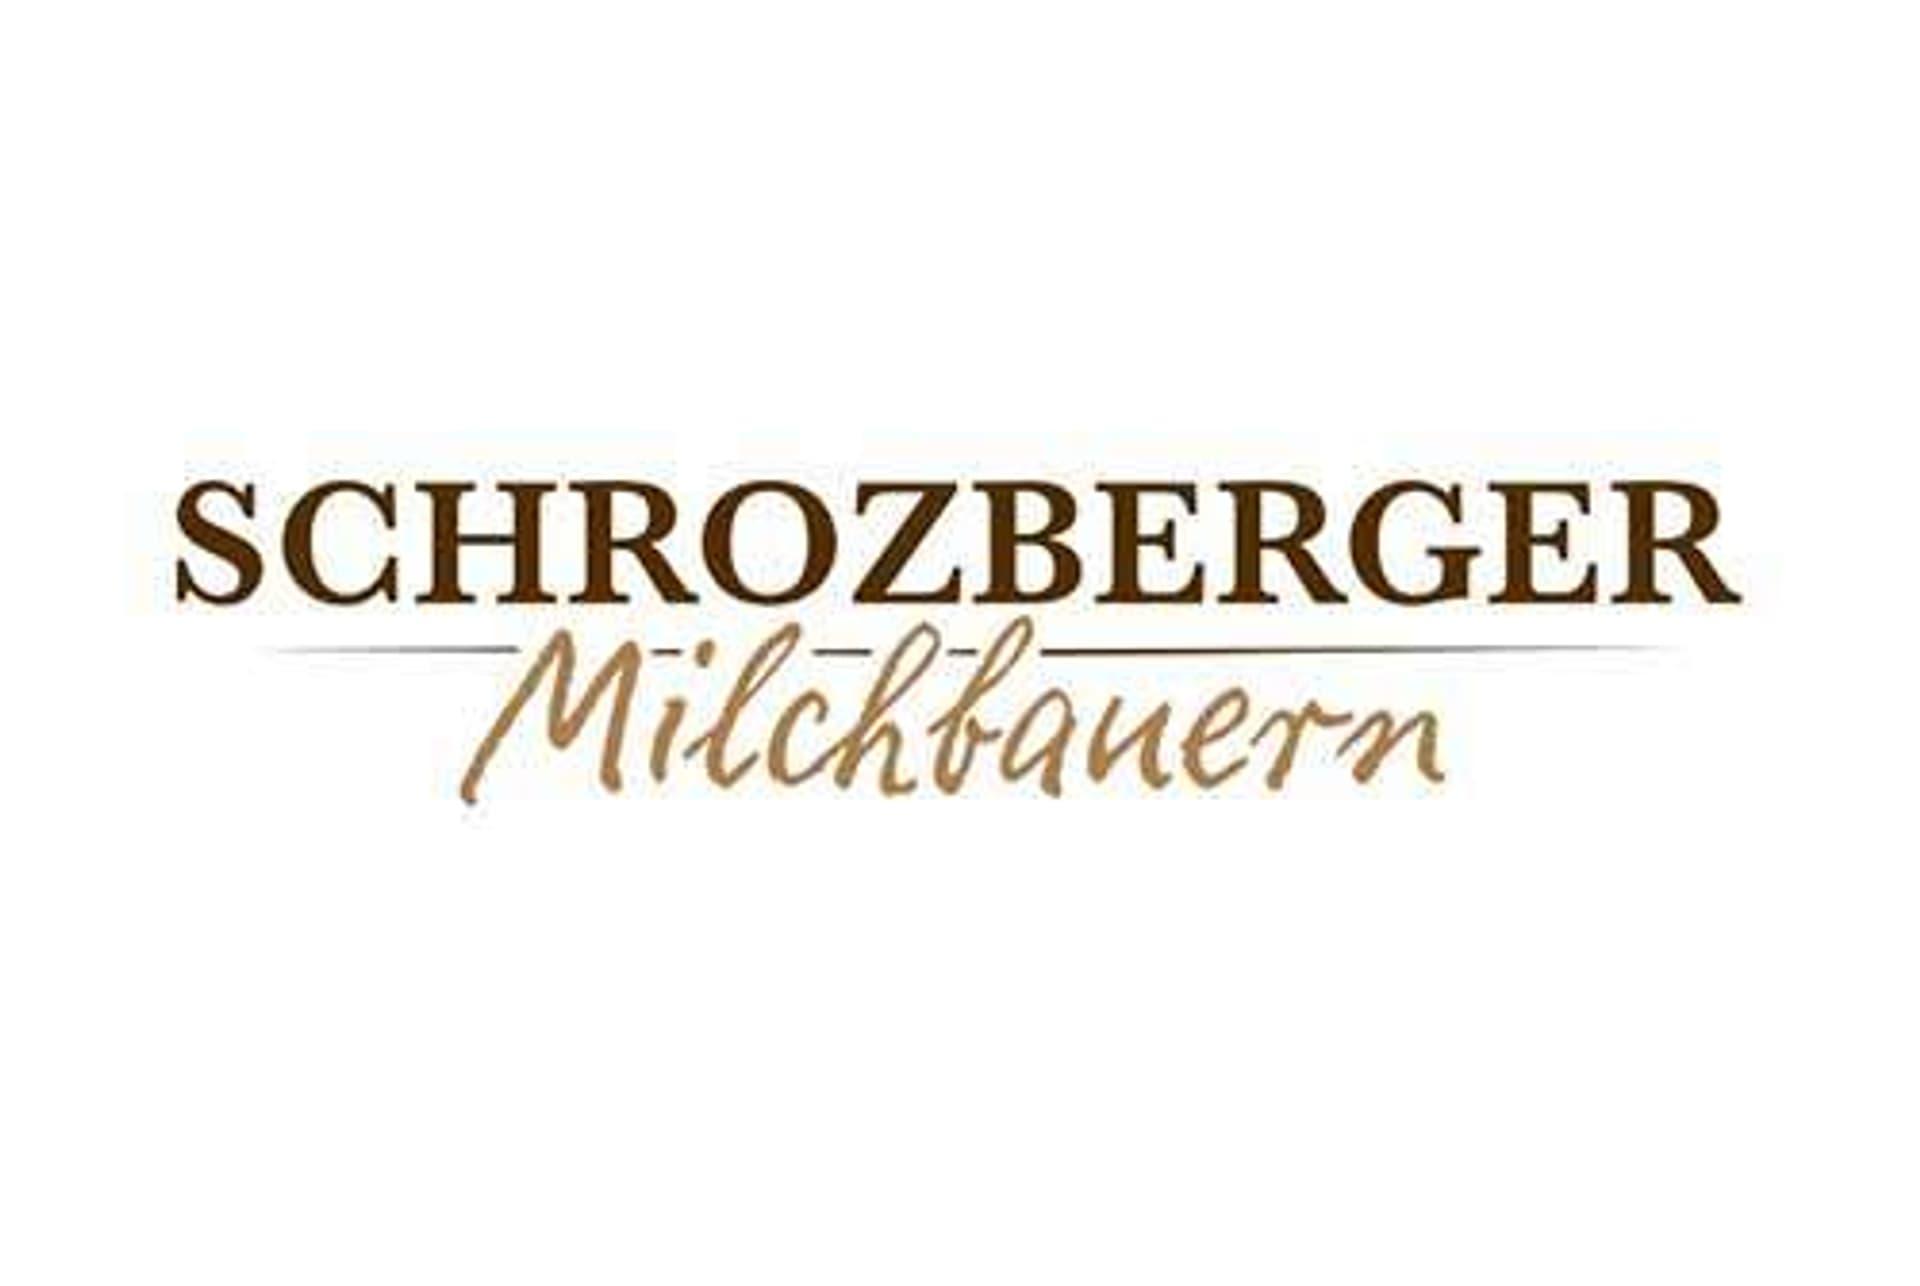 Schrozberger milchbauern logo